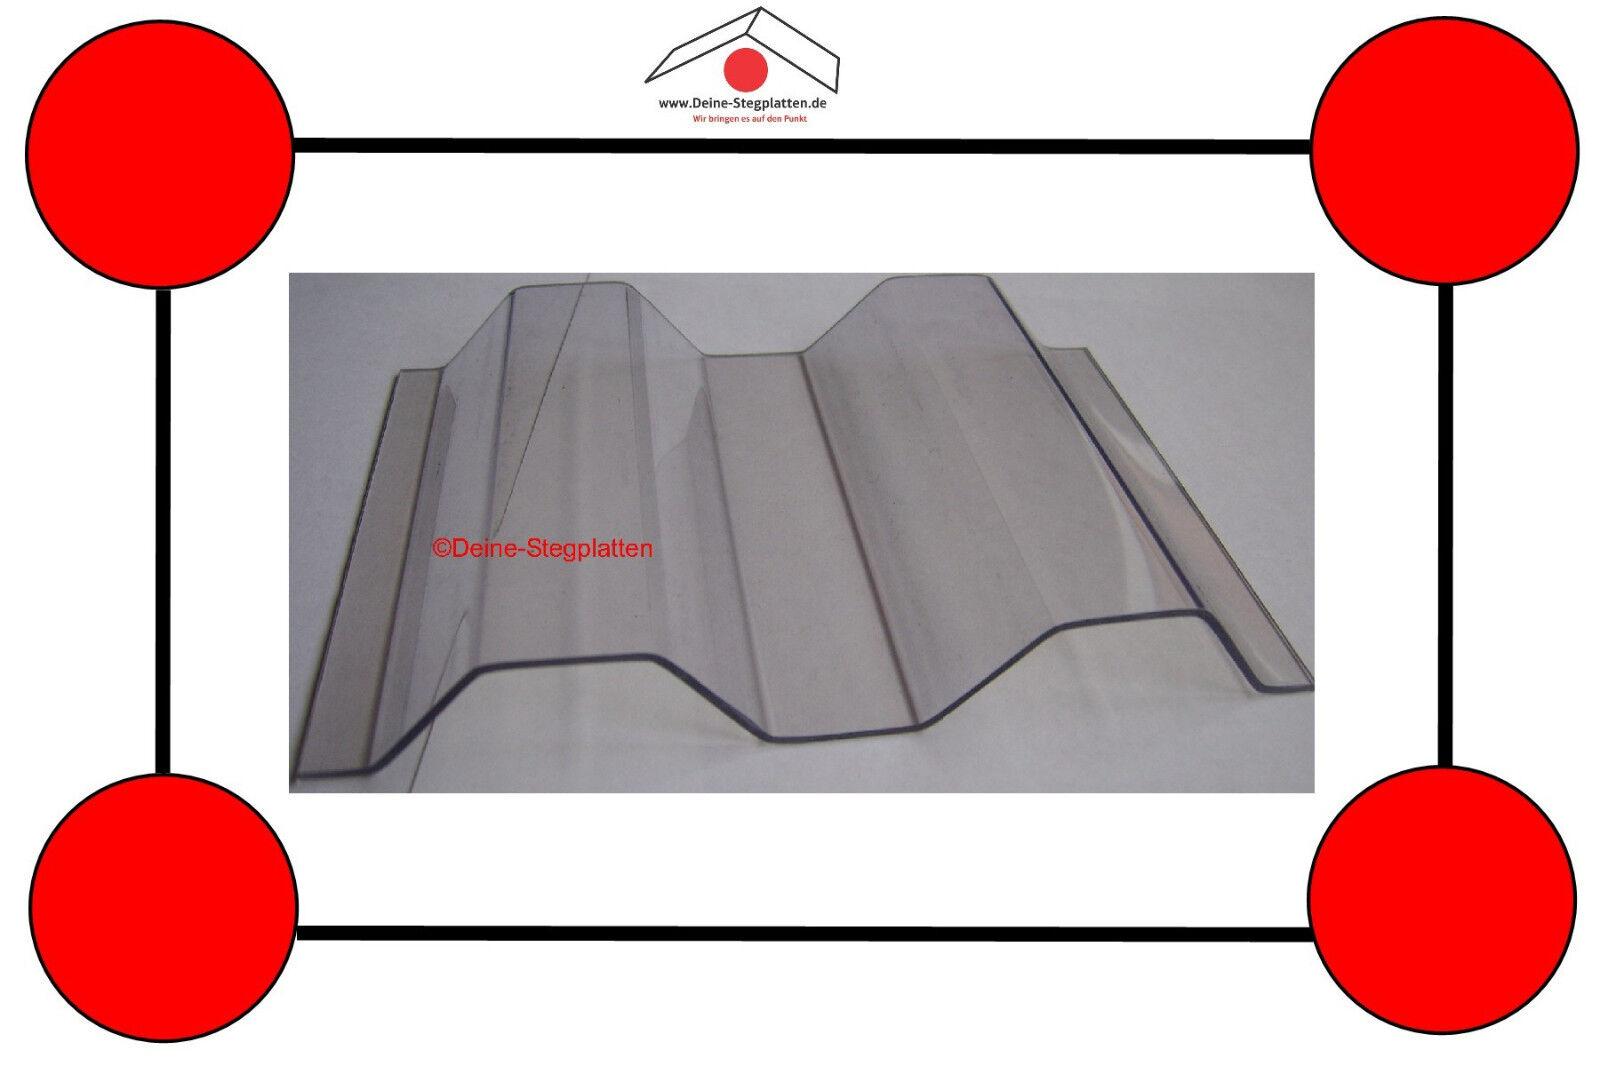 Lichtplatten aus Polycarbonat, Sinus- oder Trapezwelle,hagelfest, klar,5 bis 7 m